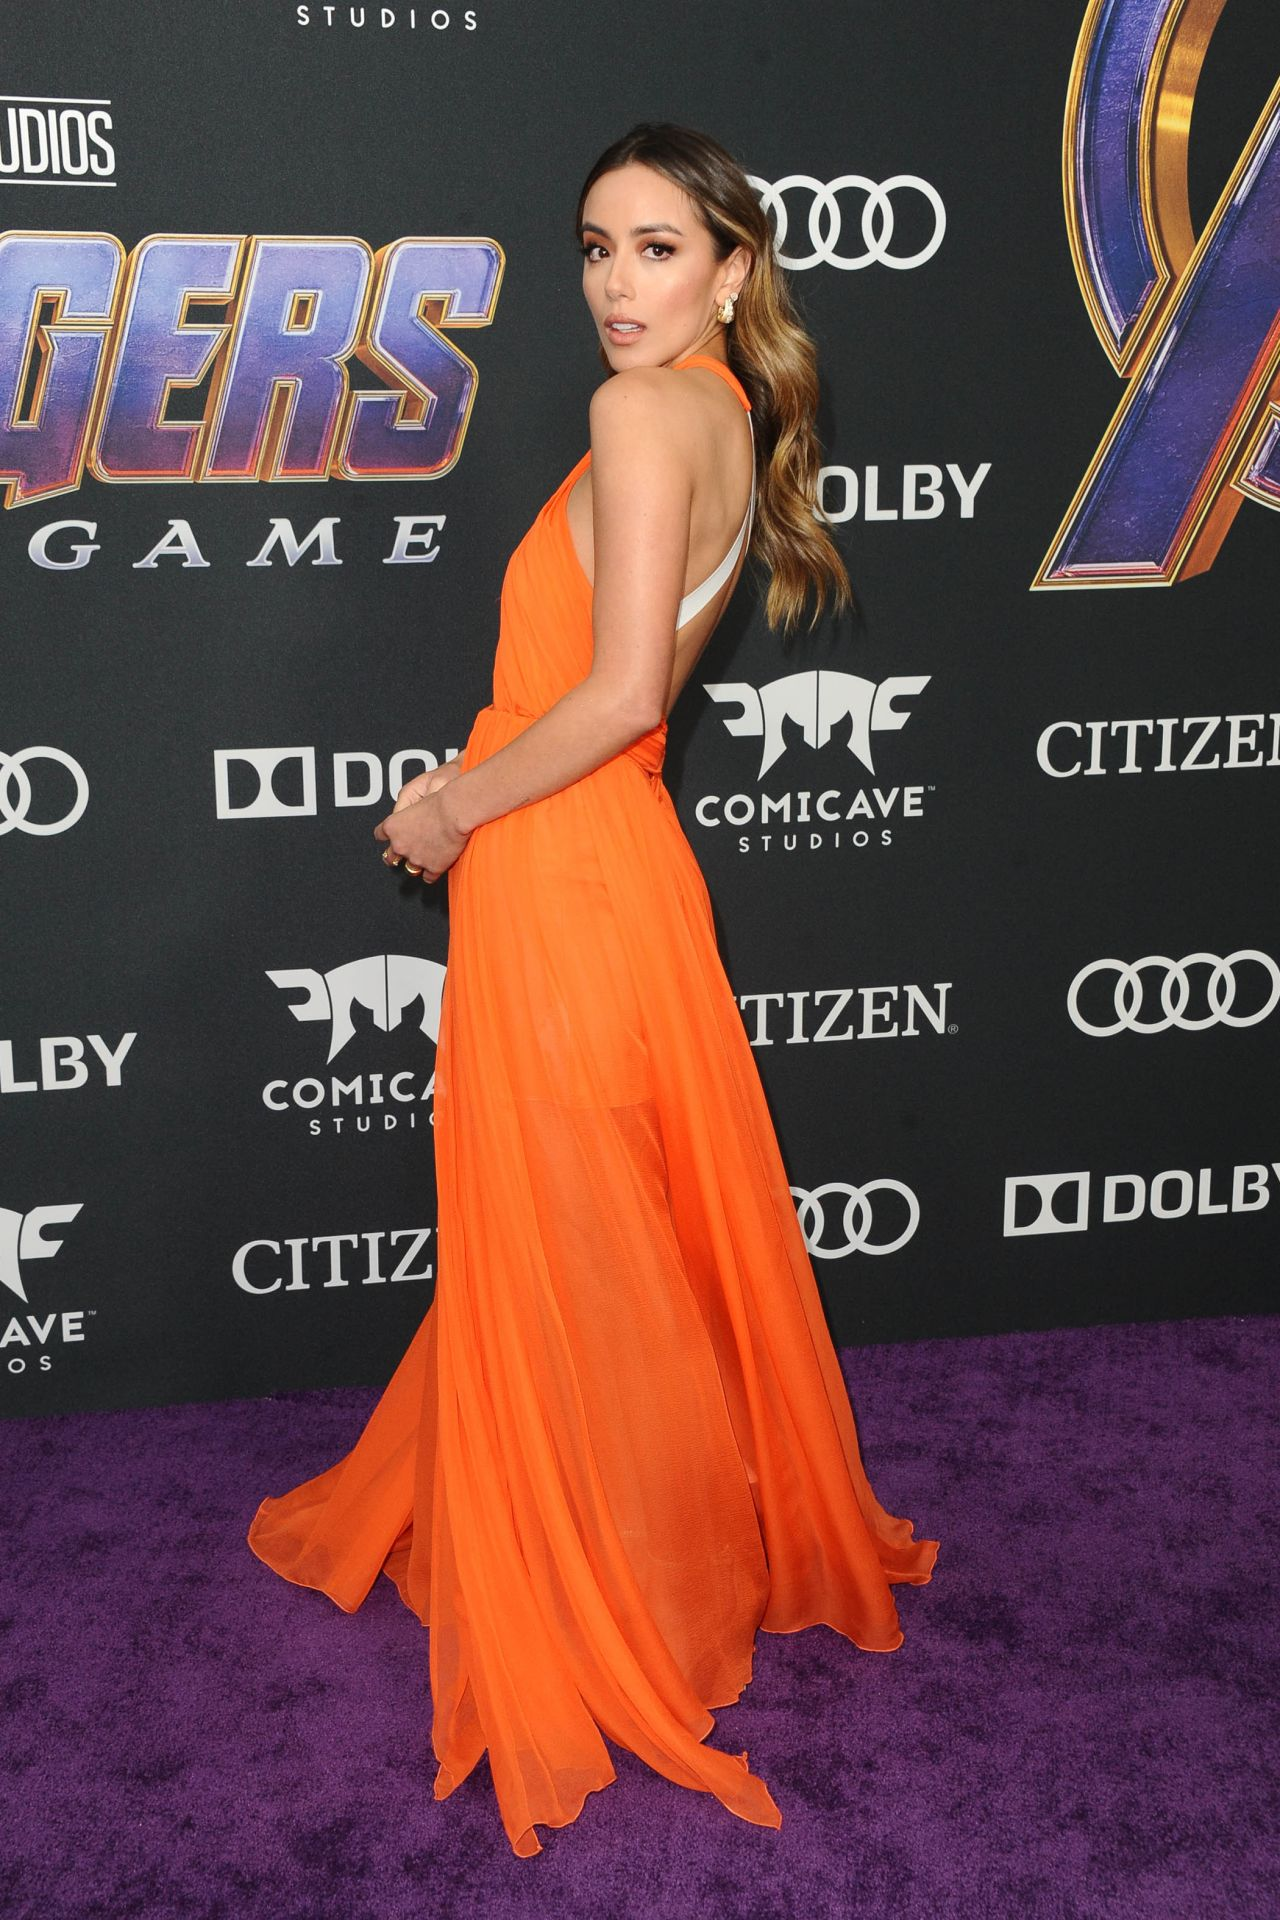 Chloe Bennet Avengers Endgame Premiere In La